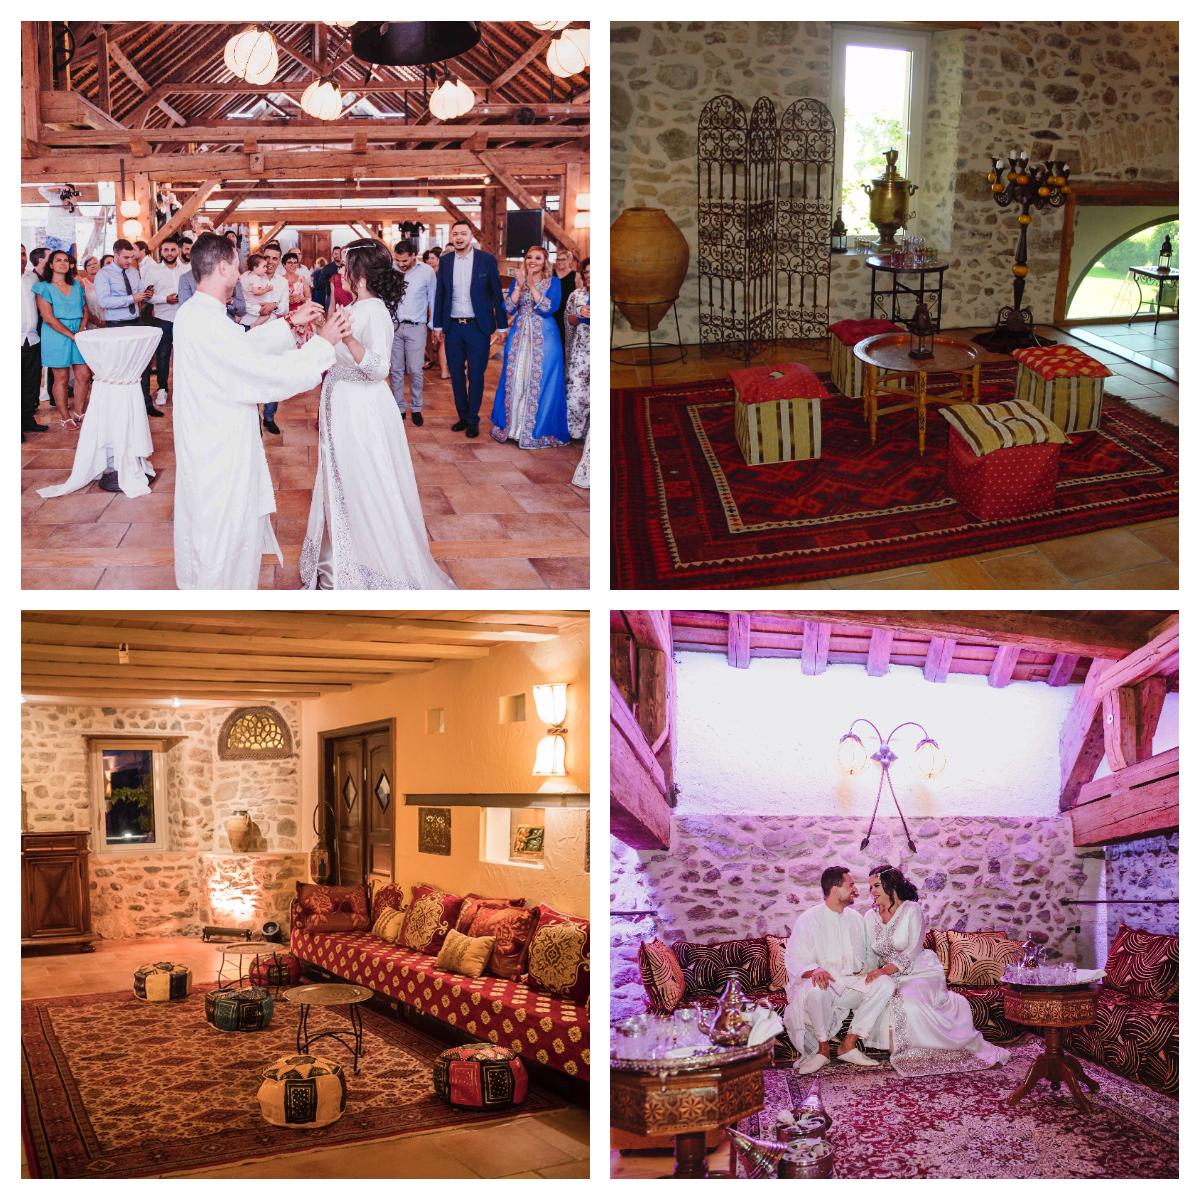 portes des iris mix pictures moroccan traditions - Différentes traditions de mariage dont nous avons été témoin aux Portes des Iris